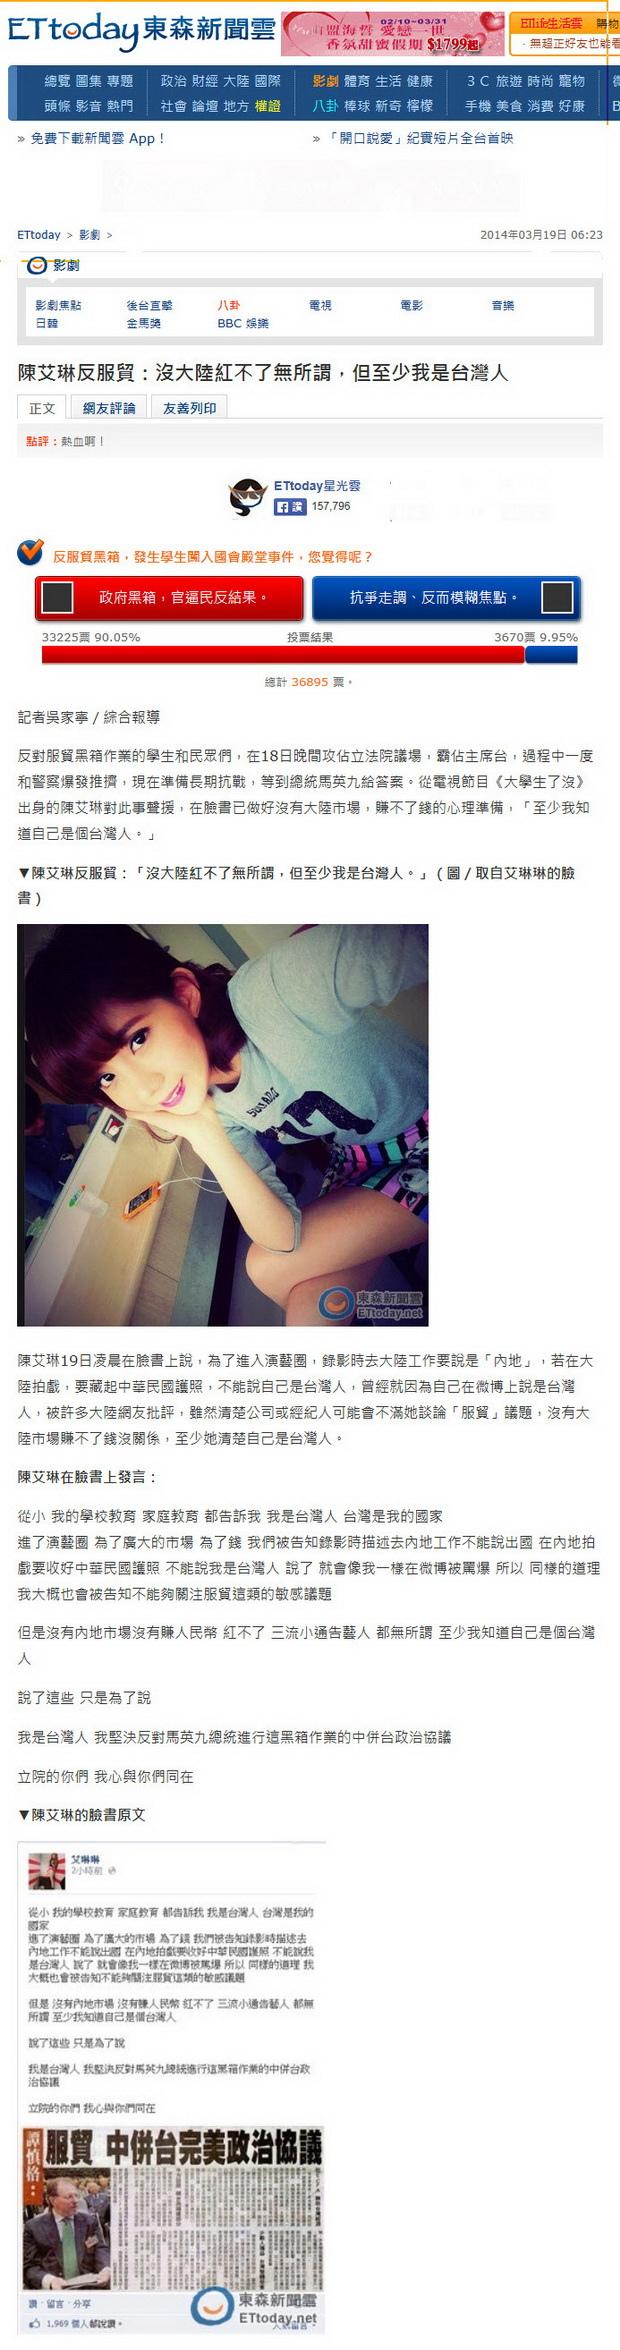 陳艾琳反服貿:沒大陸紅不了無所謂,但至少我是台灣人-2014.03.19.jpg